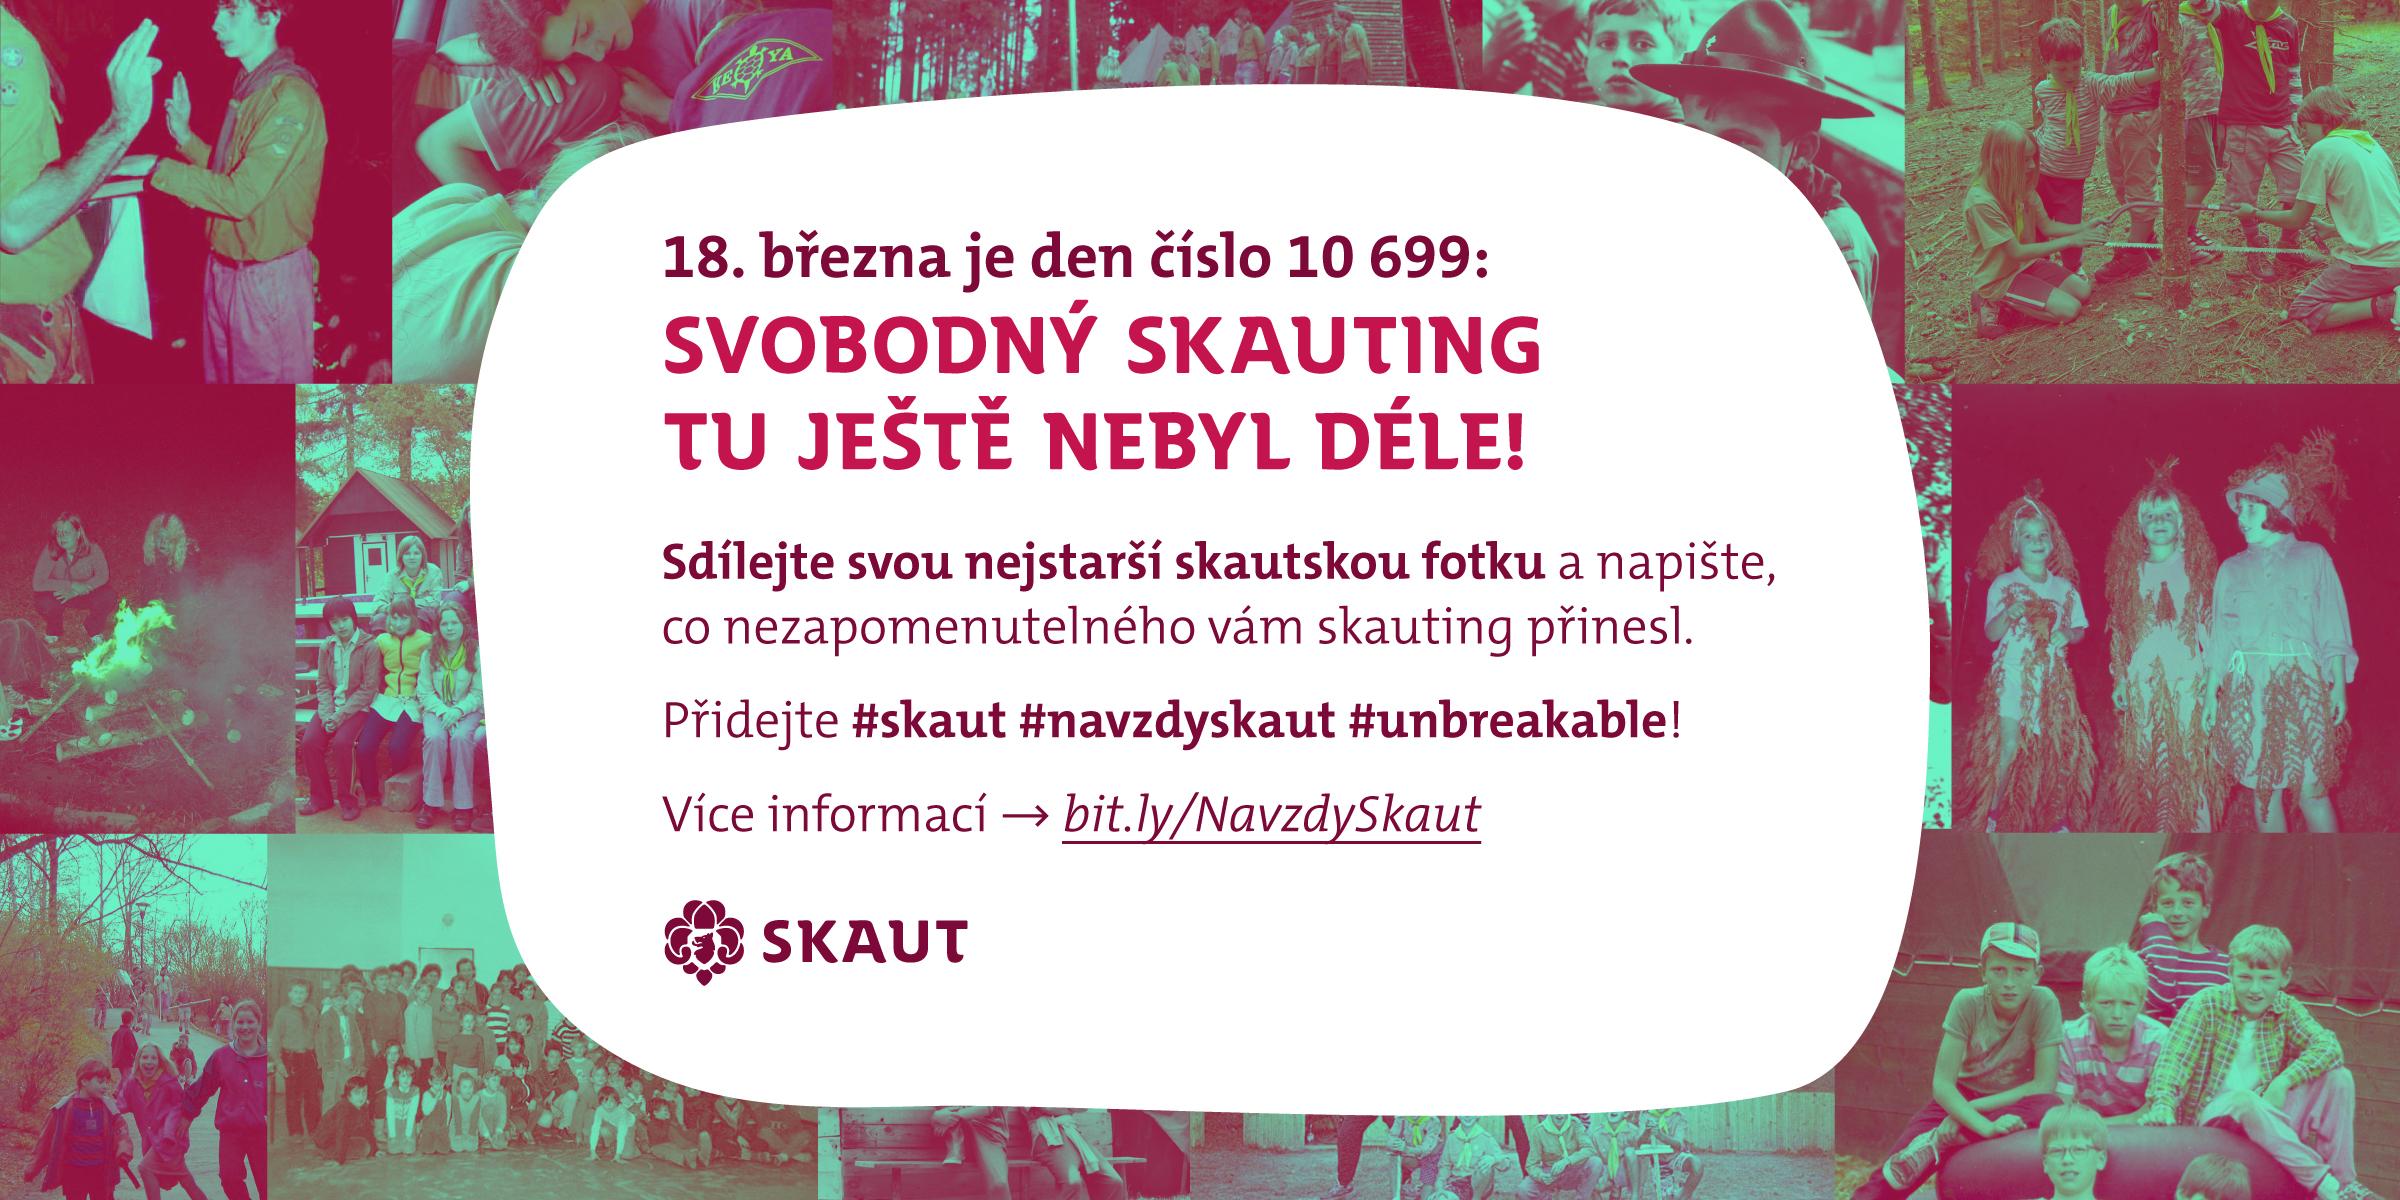 Oslavíme den 10 699, nejdelší trvání skautingu v českých zemích. Buďte u toho!